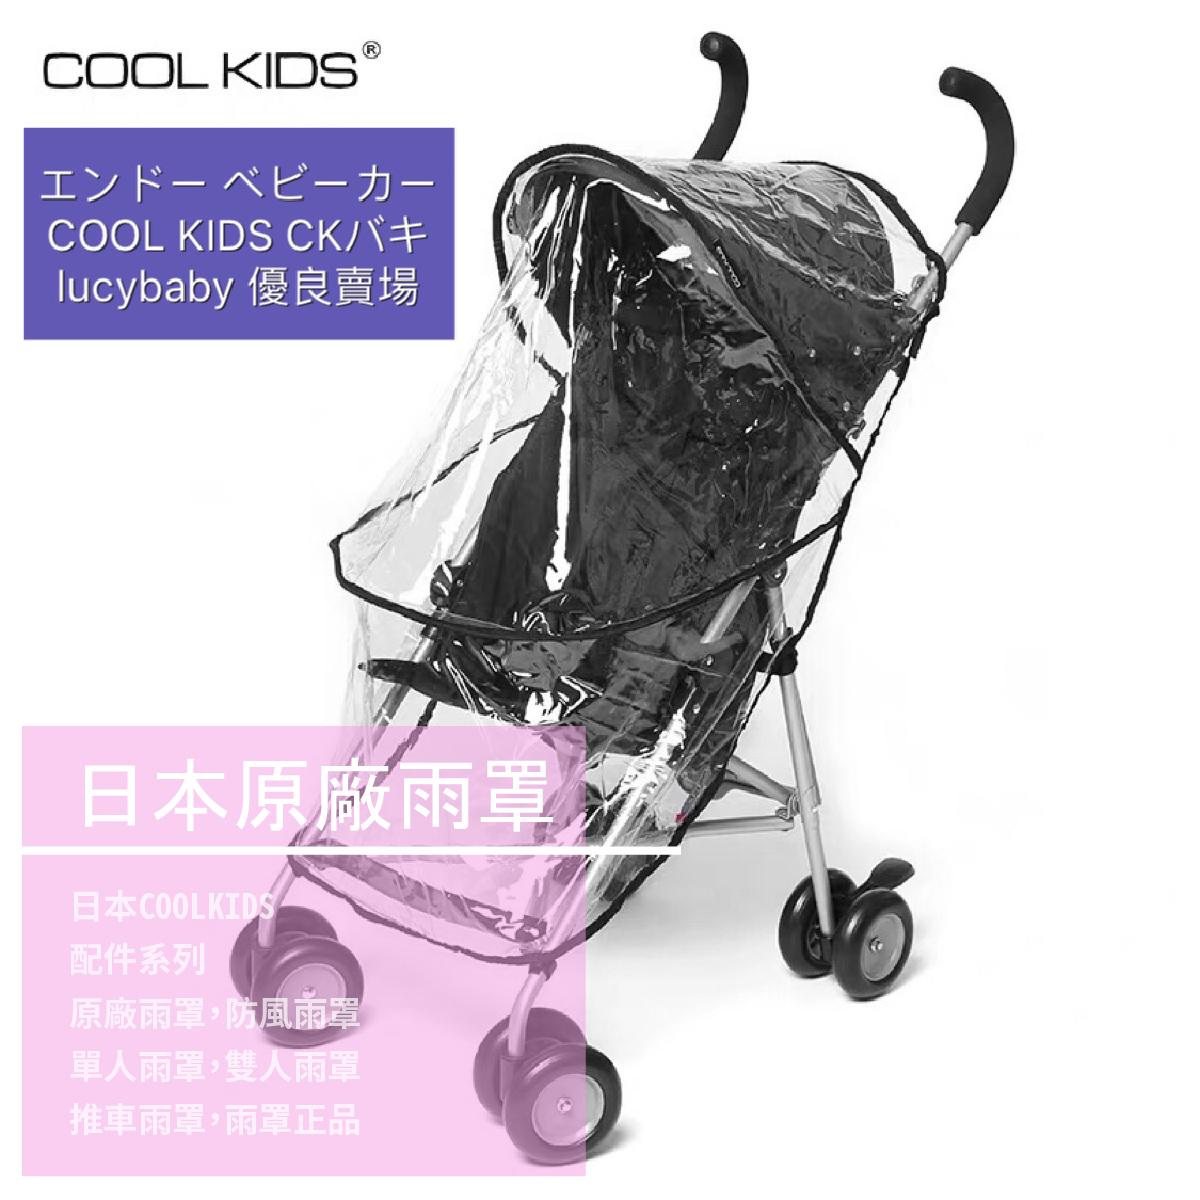 【日本COOLKIDS推車專賣店】日本COOLKIDS原廠雨罩 / 單人+雙人